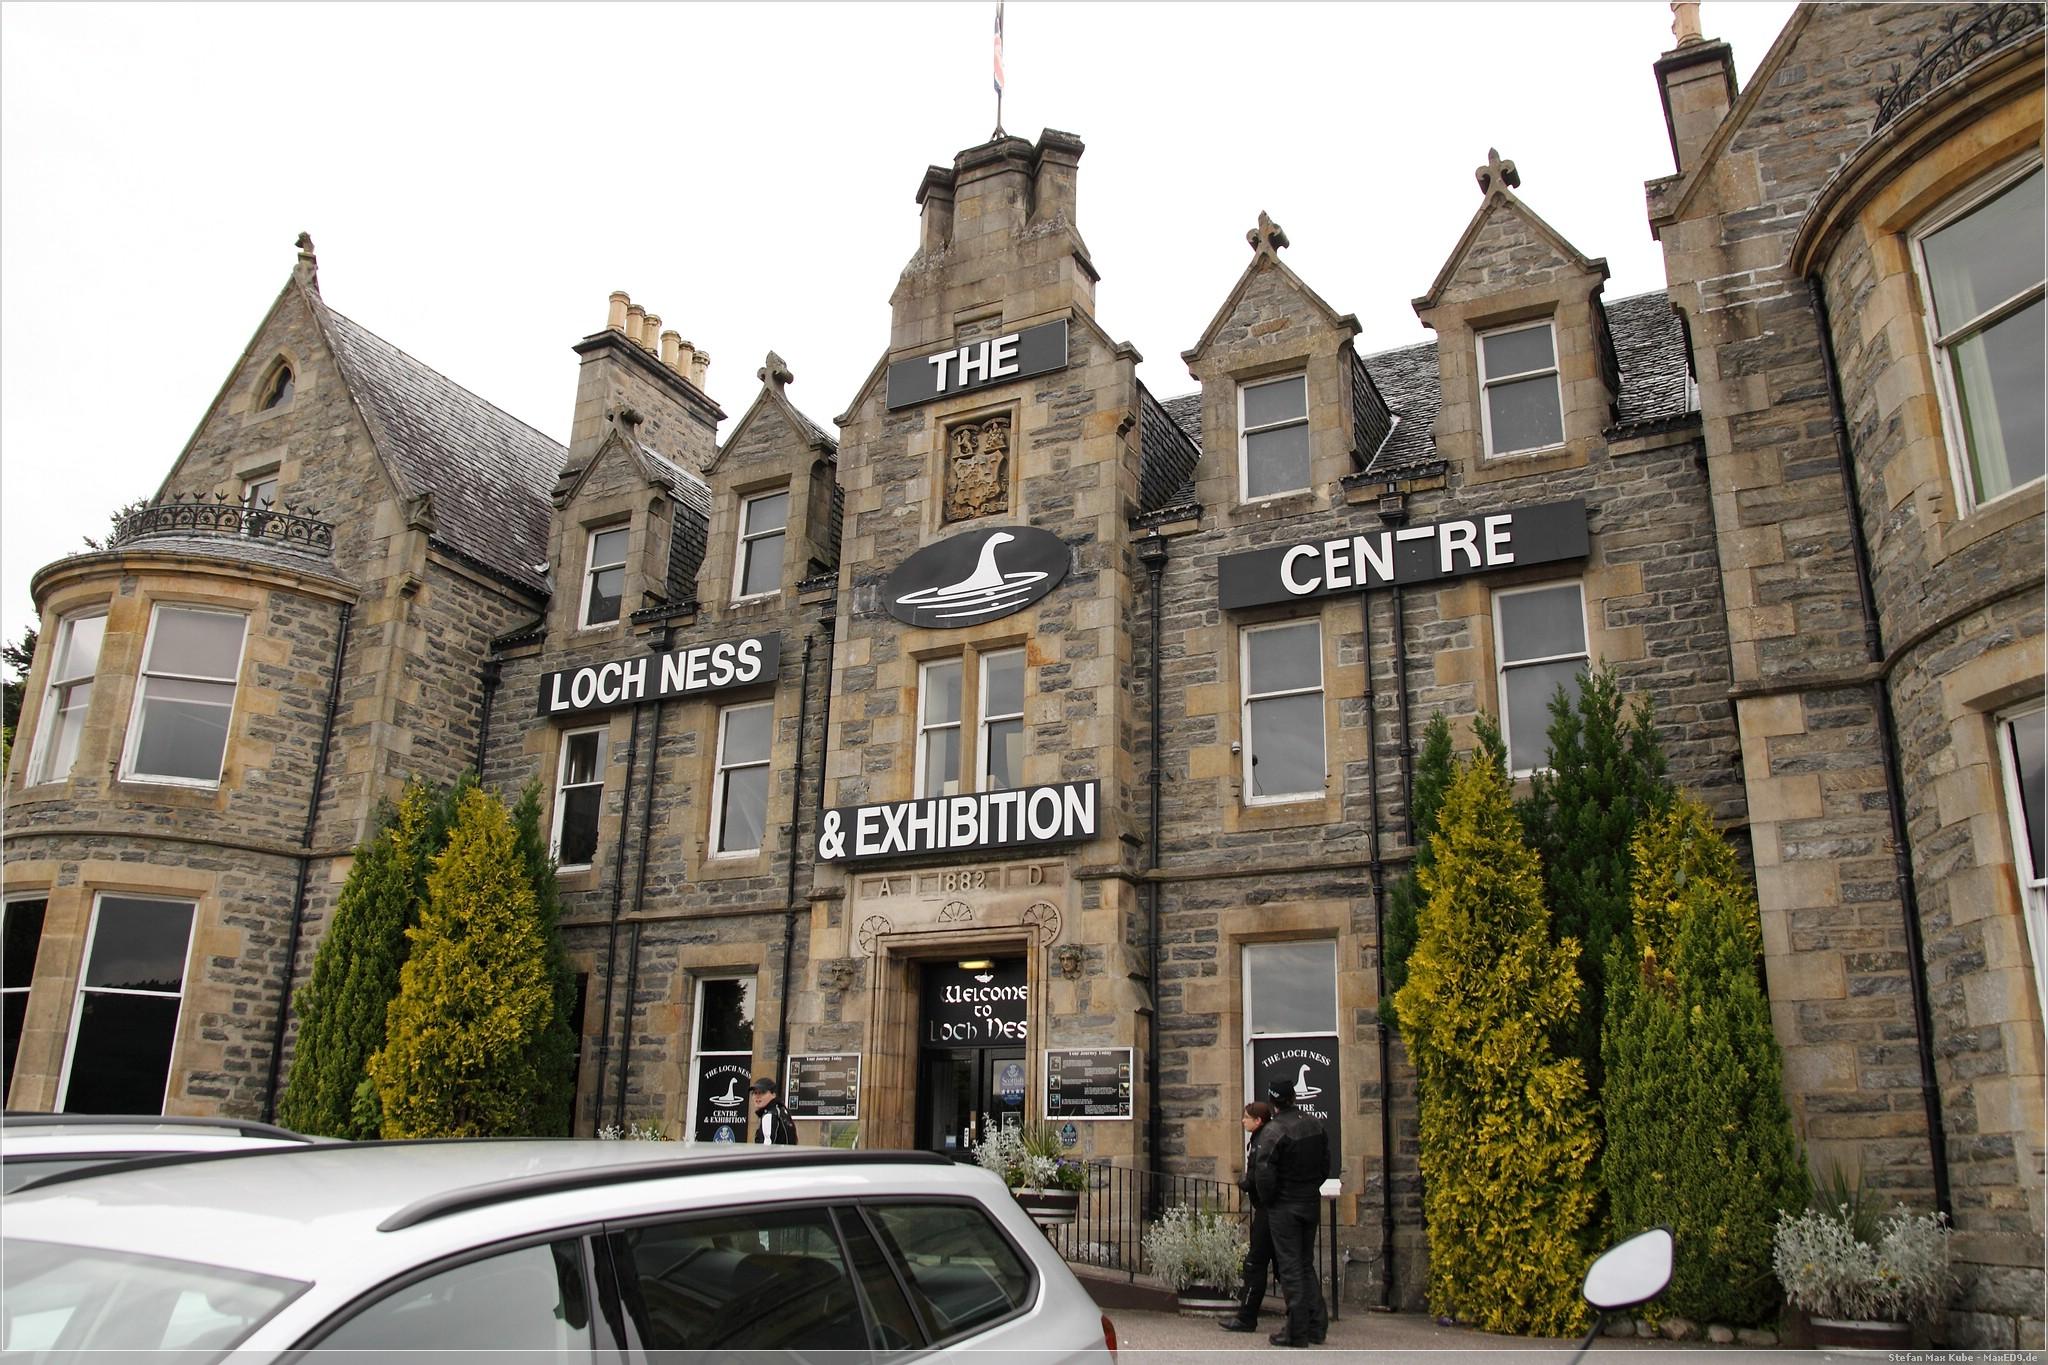 Loch Ness Ausstellung